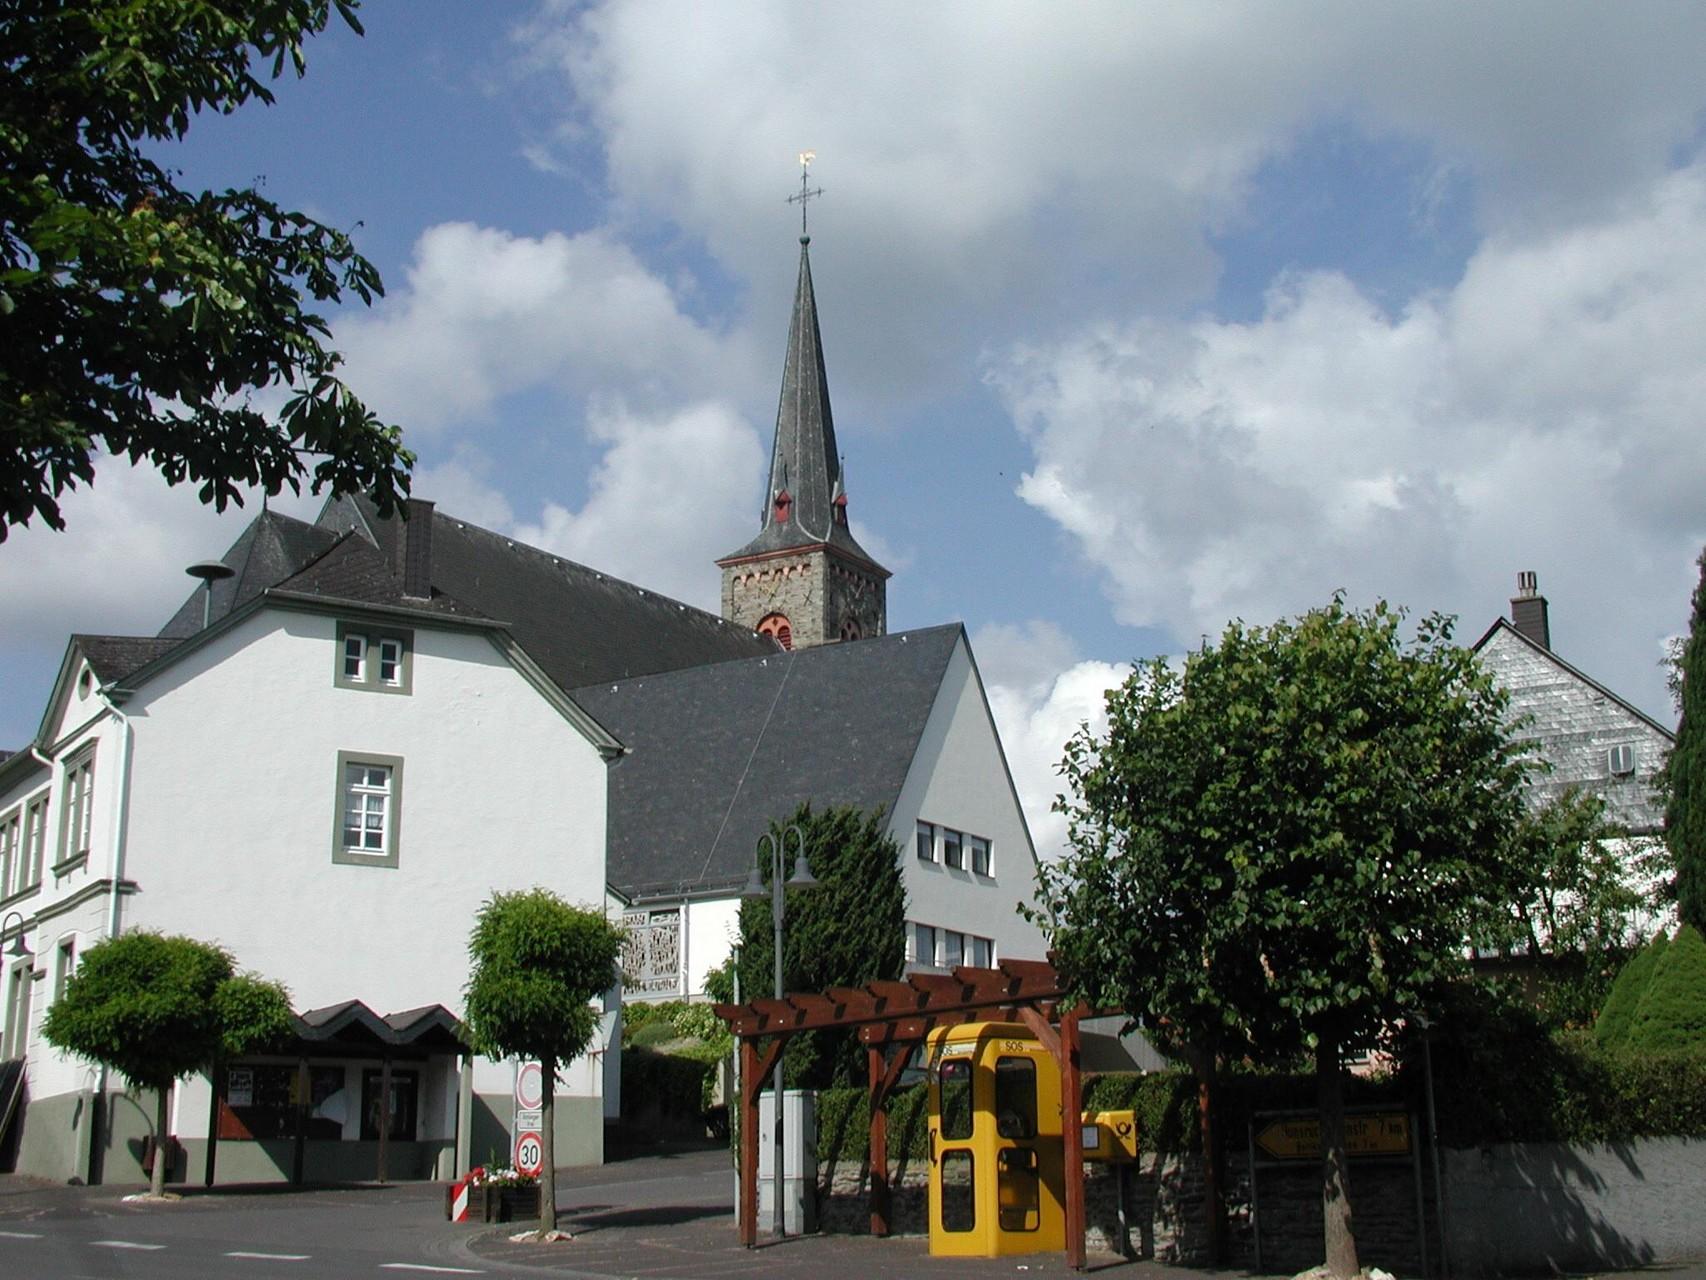 Dorfmitte mit Blick auf die Kirche